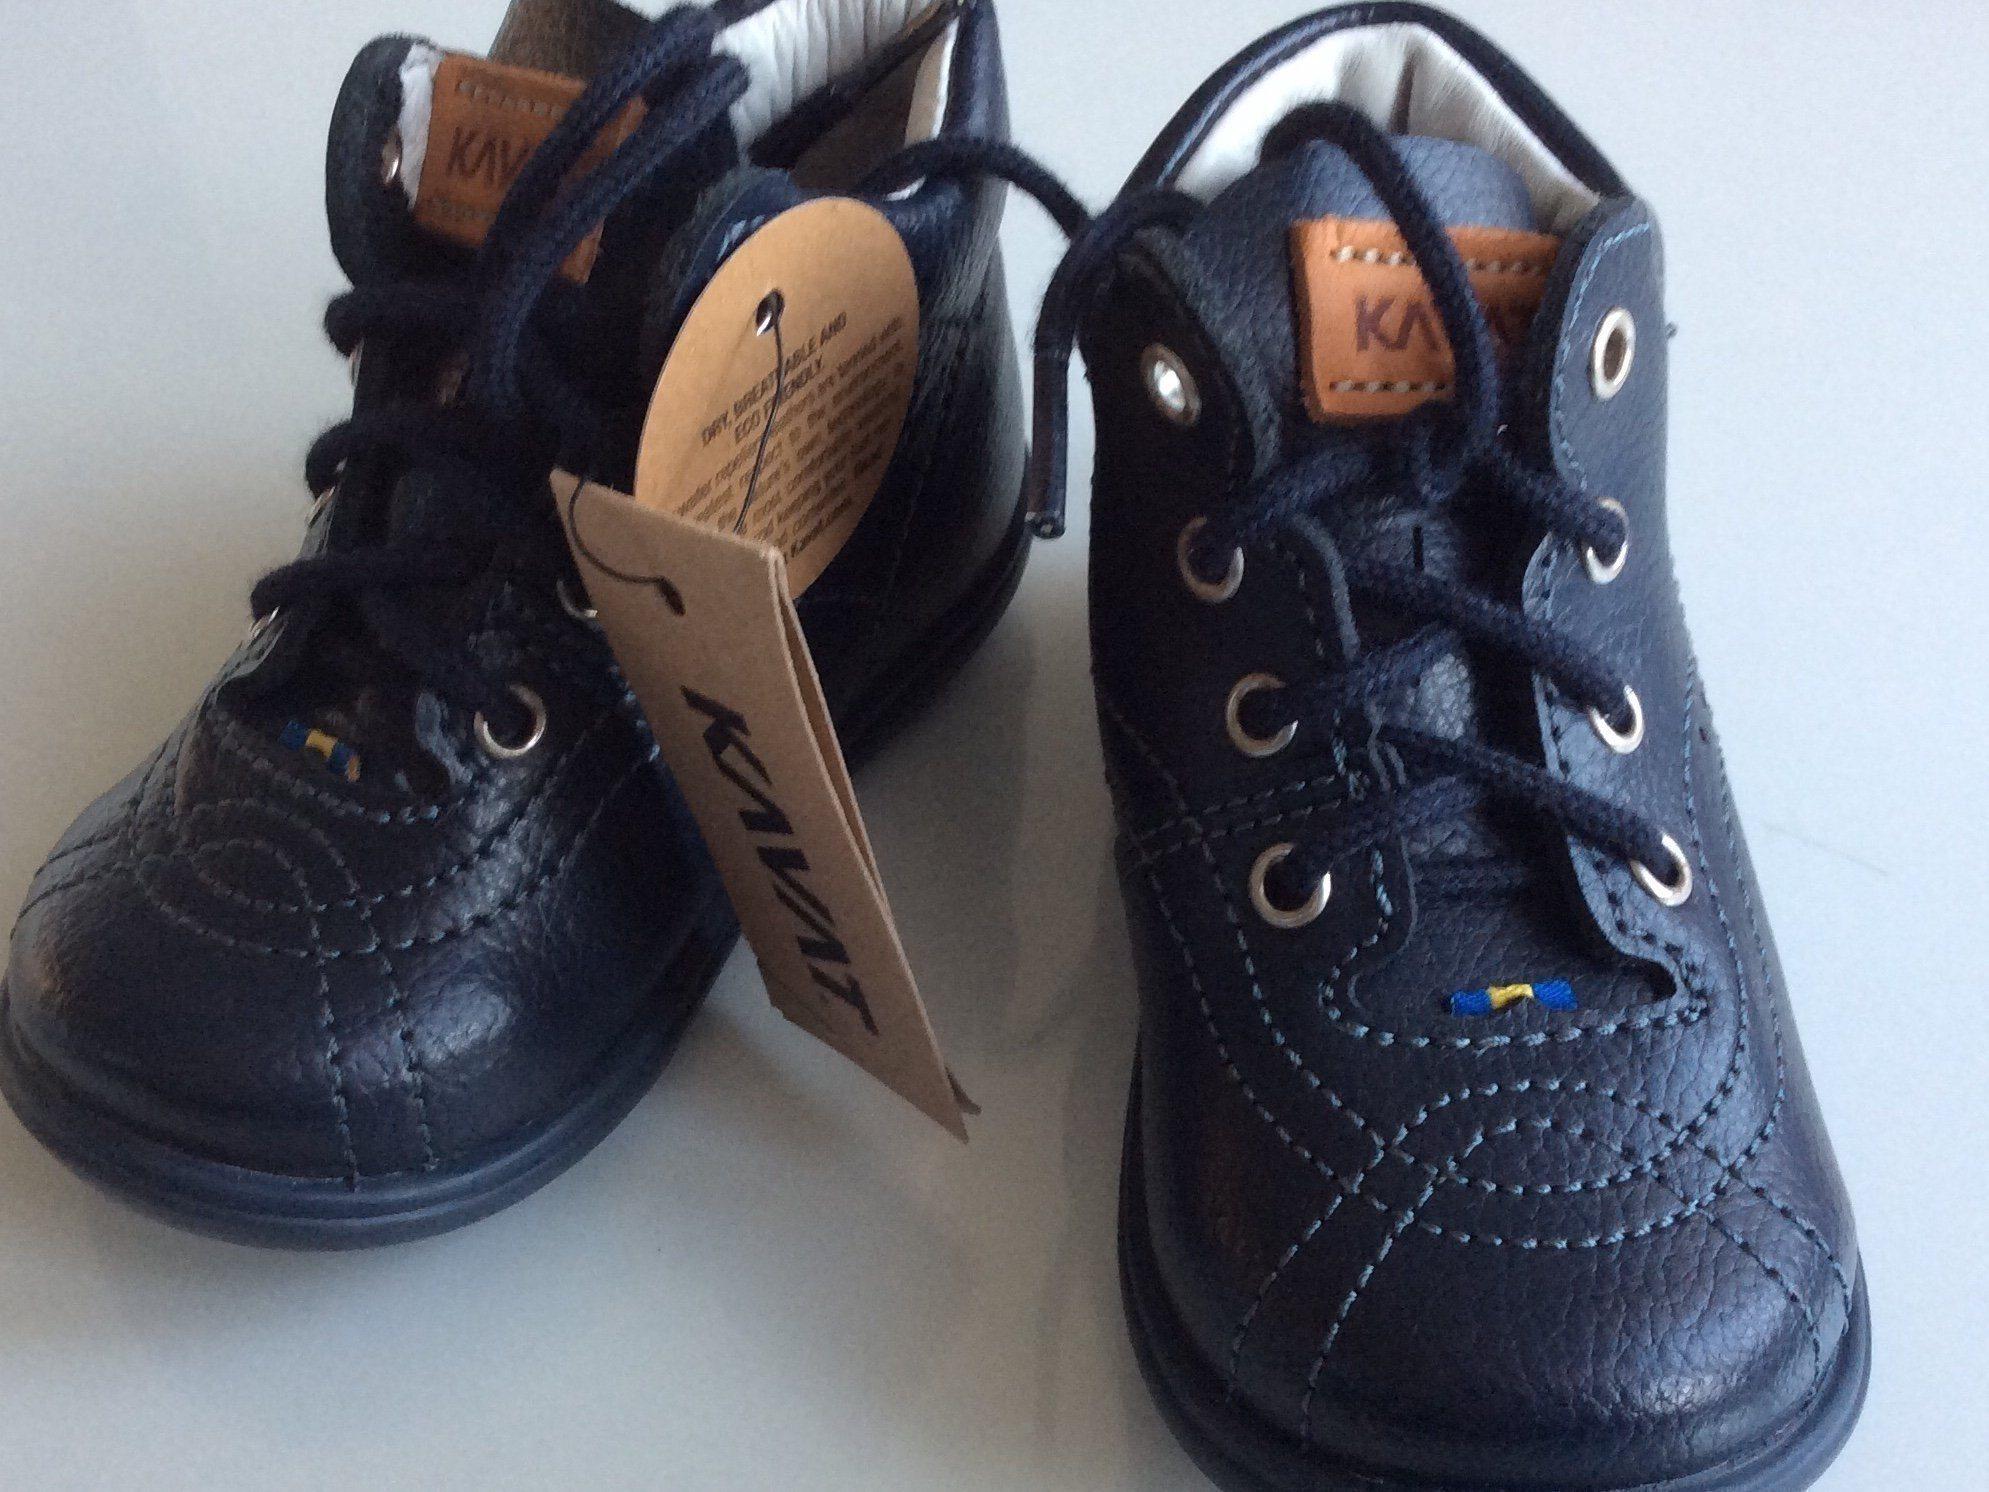 Strl20, NYA, Kavat Edsbro XC blå (344153033) ᐈ Köp på Tradera